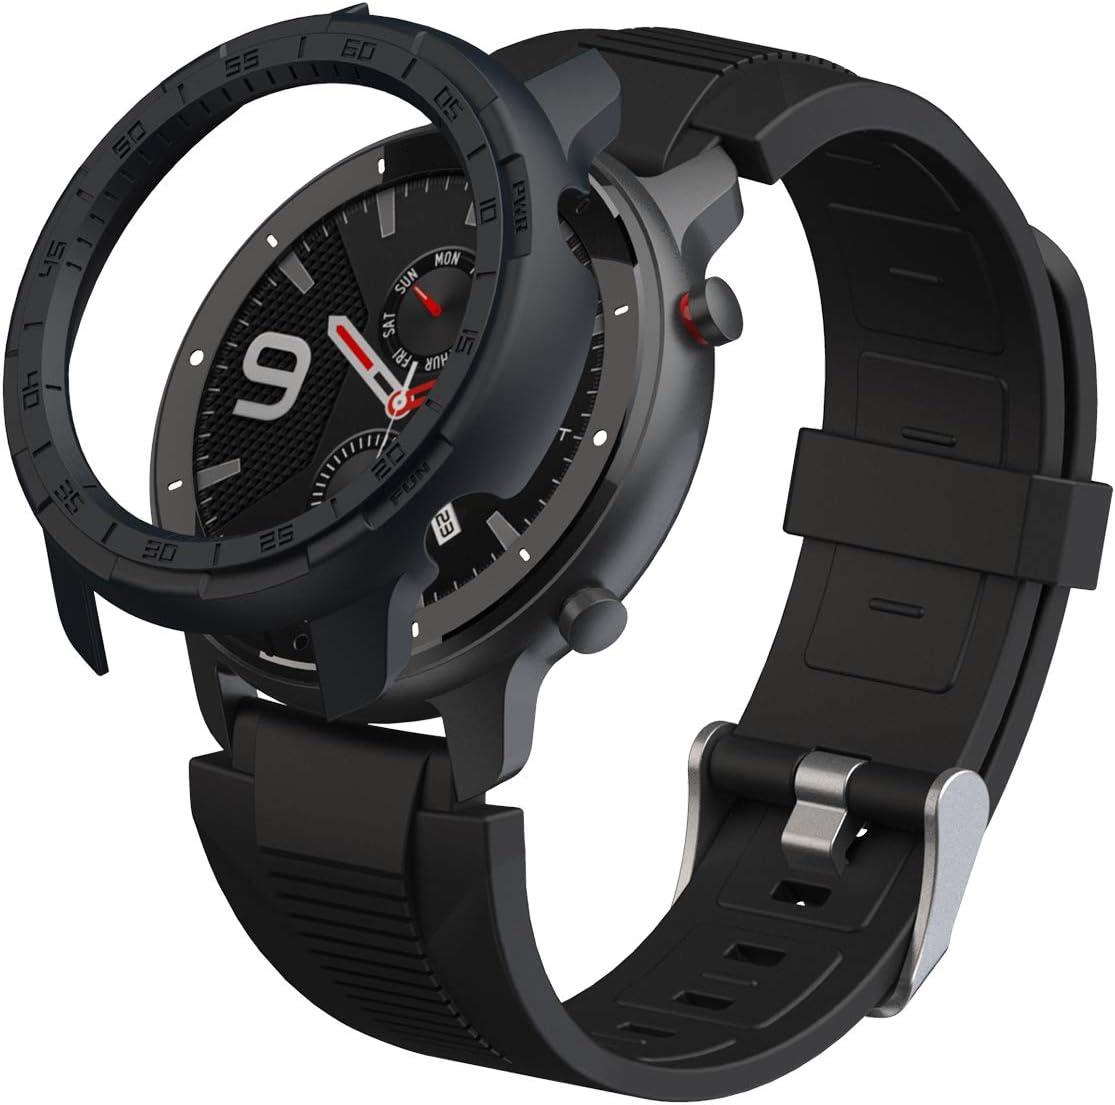 cadre en TPU r/ésistant aux rayures et aux chocs SIKAI CASE Coque de protection compatible avec Huami Amazfit Stratos A1928 Smart Watch